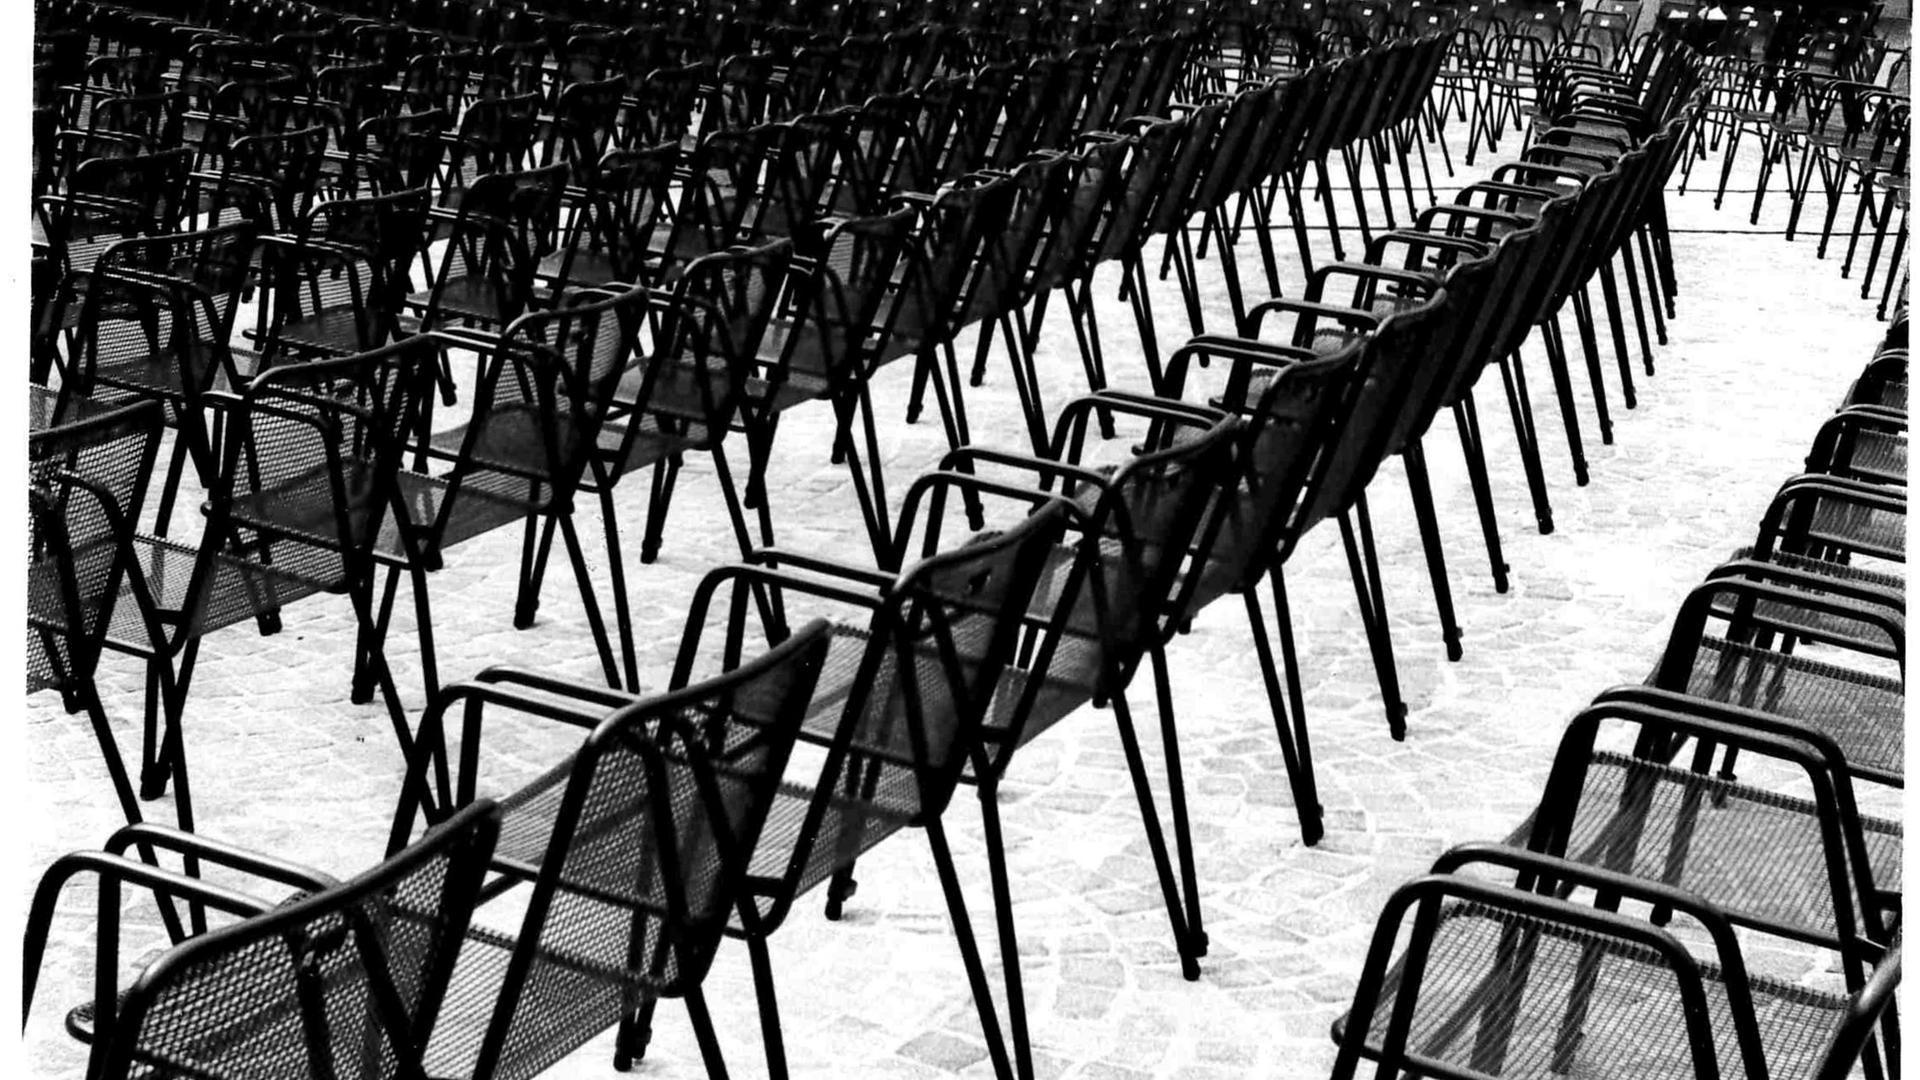 Rustikal: Die Stühle waren aus einfachem Metall und ebenerdig in Reihen aufgestellt. Eine Tribüne gab es erst ab 1980.